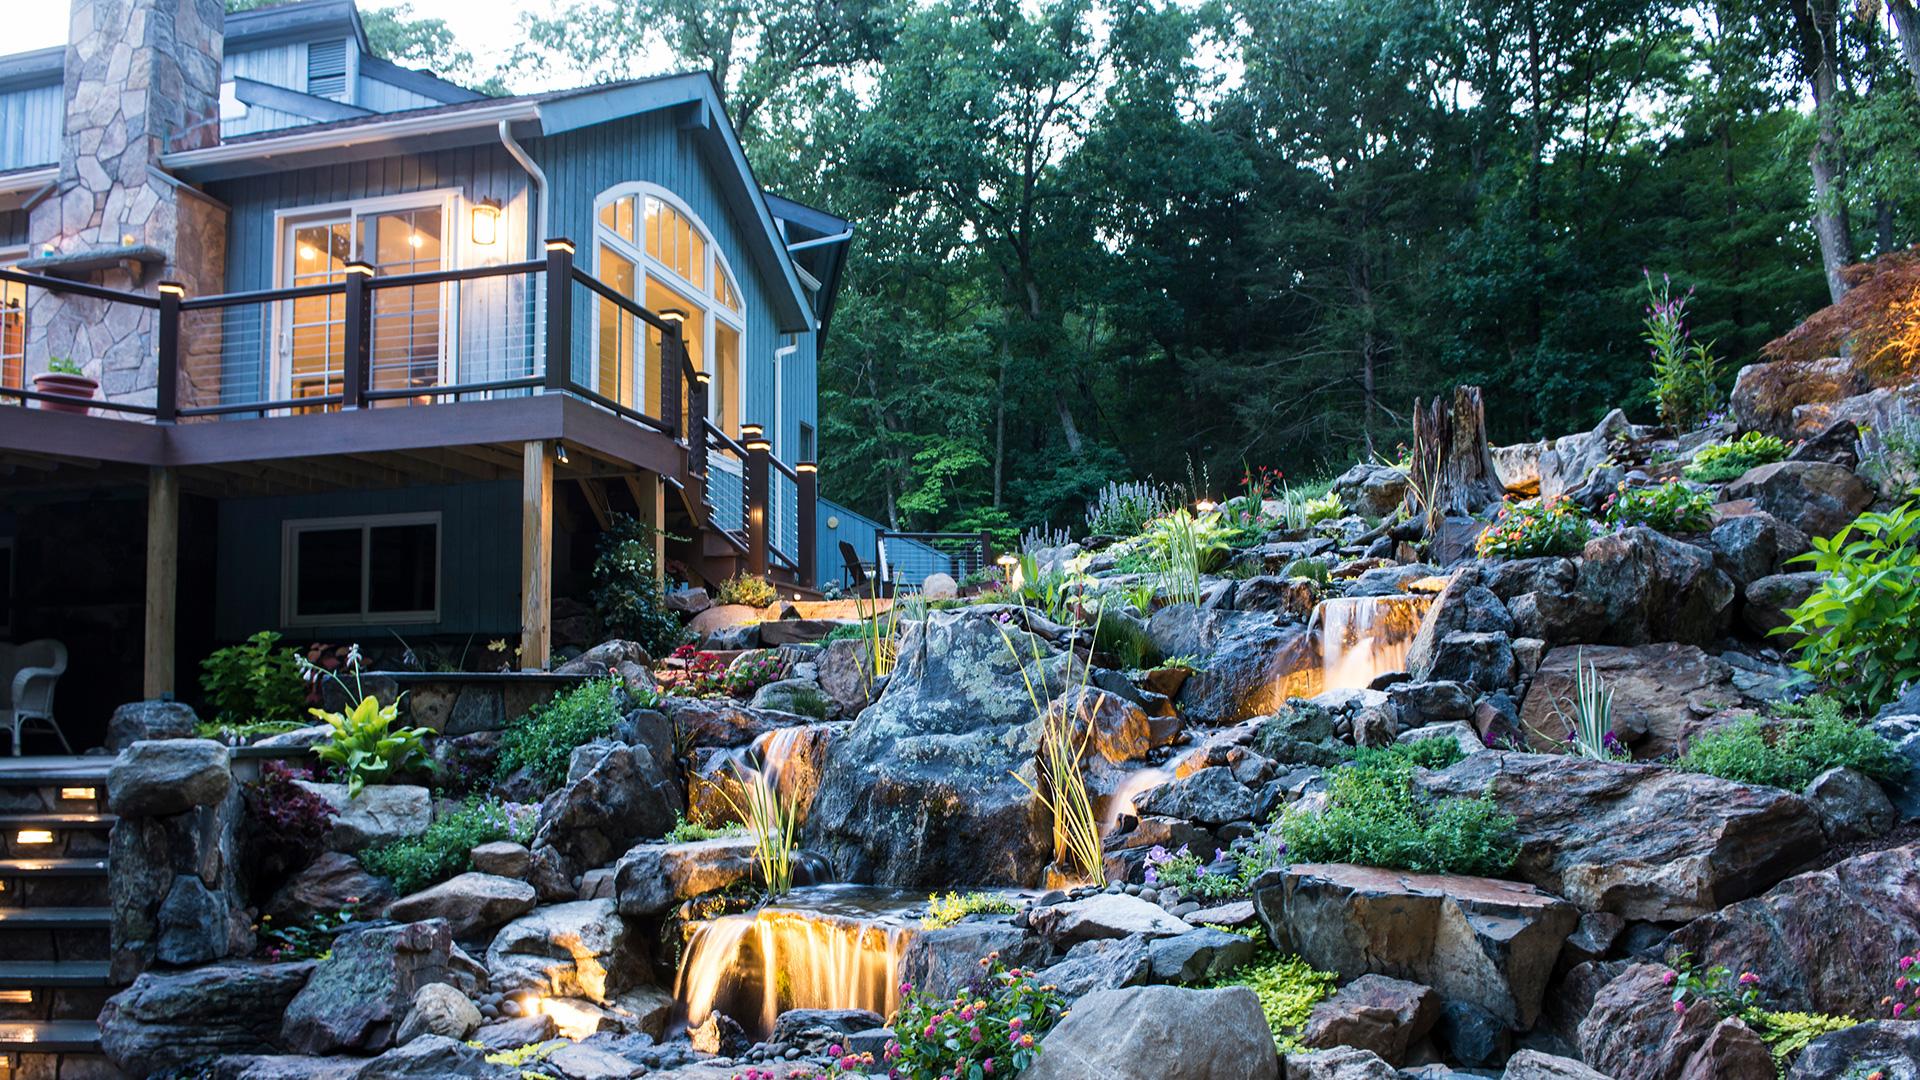 AquaScapes East Landscaping, Pond Contractor and Landscape Design slide 3